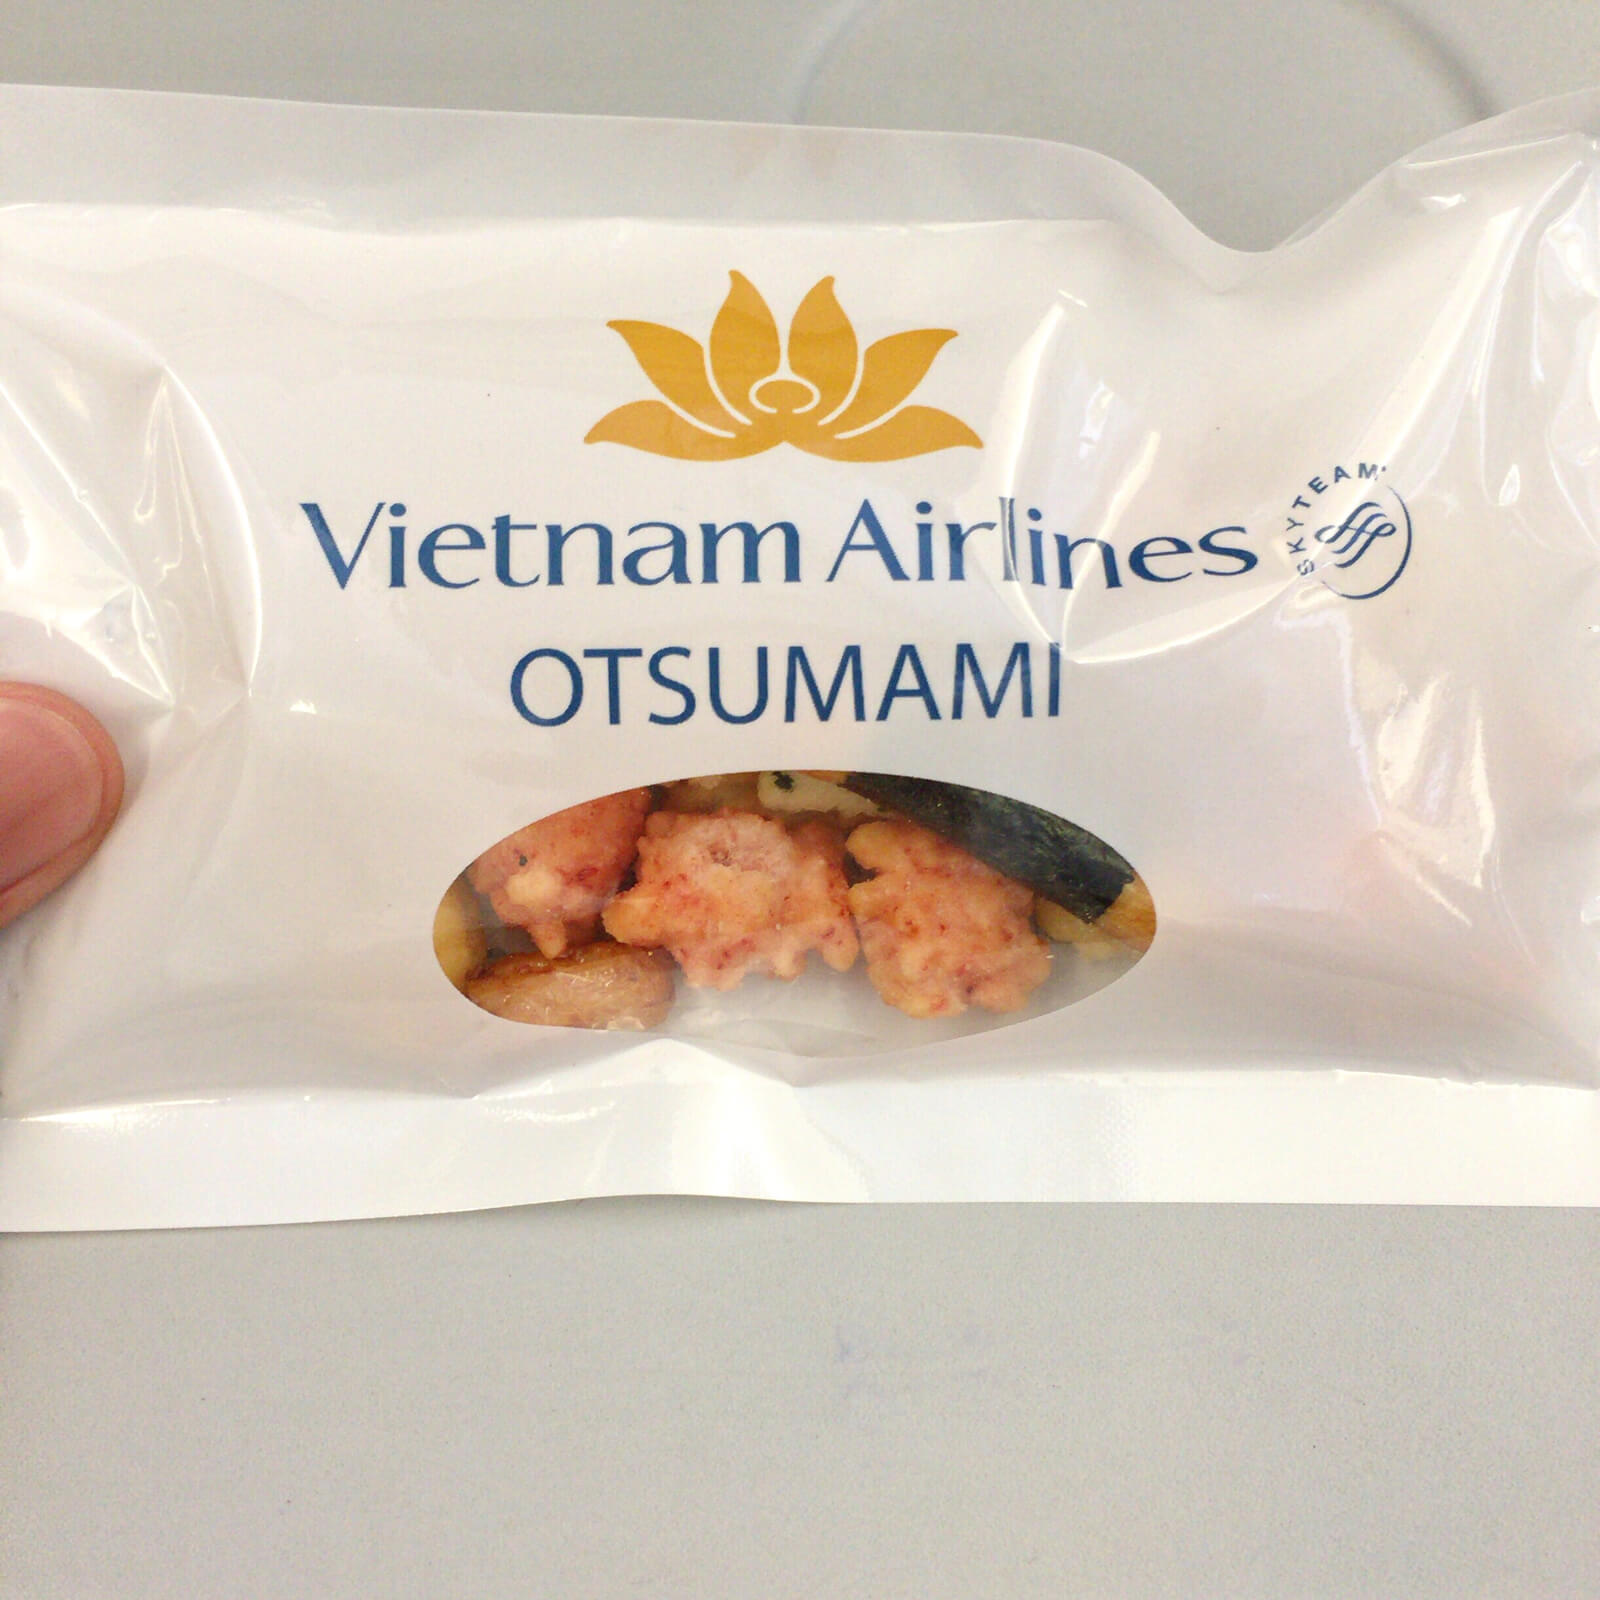 ベトナム航空 機内食 スナック